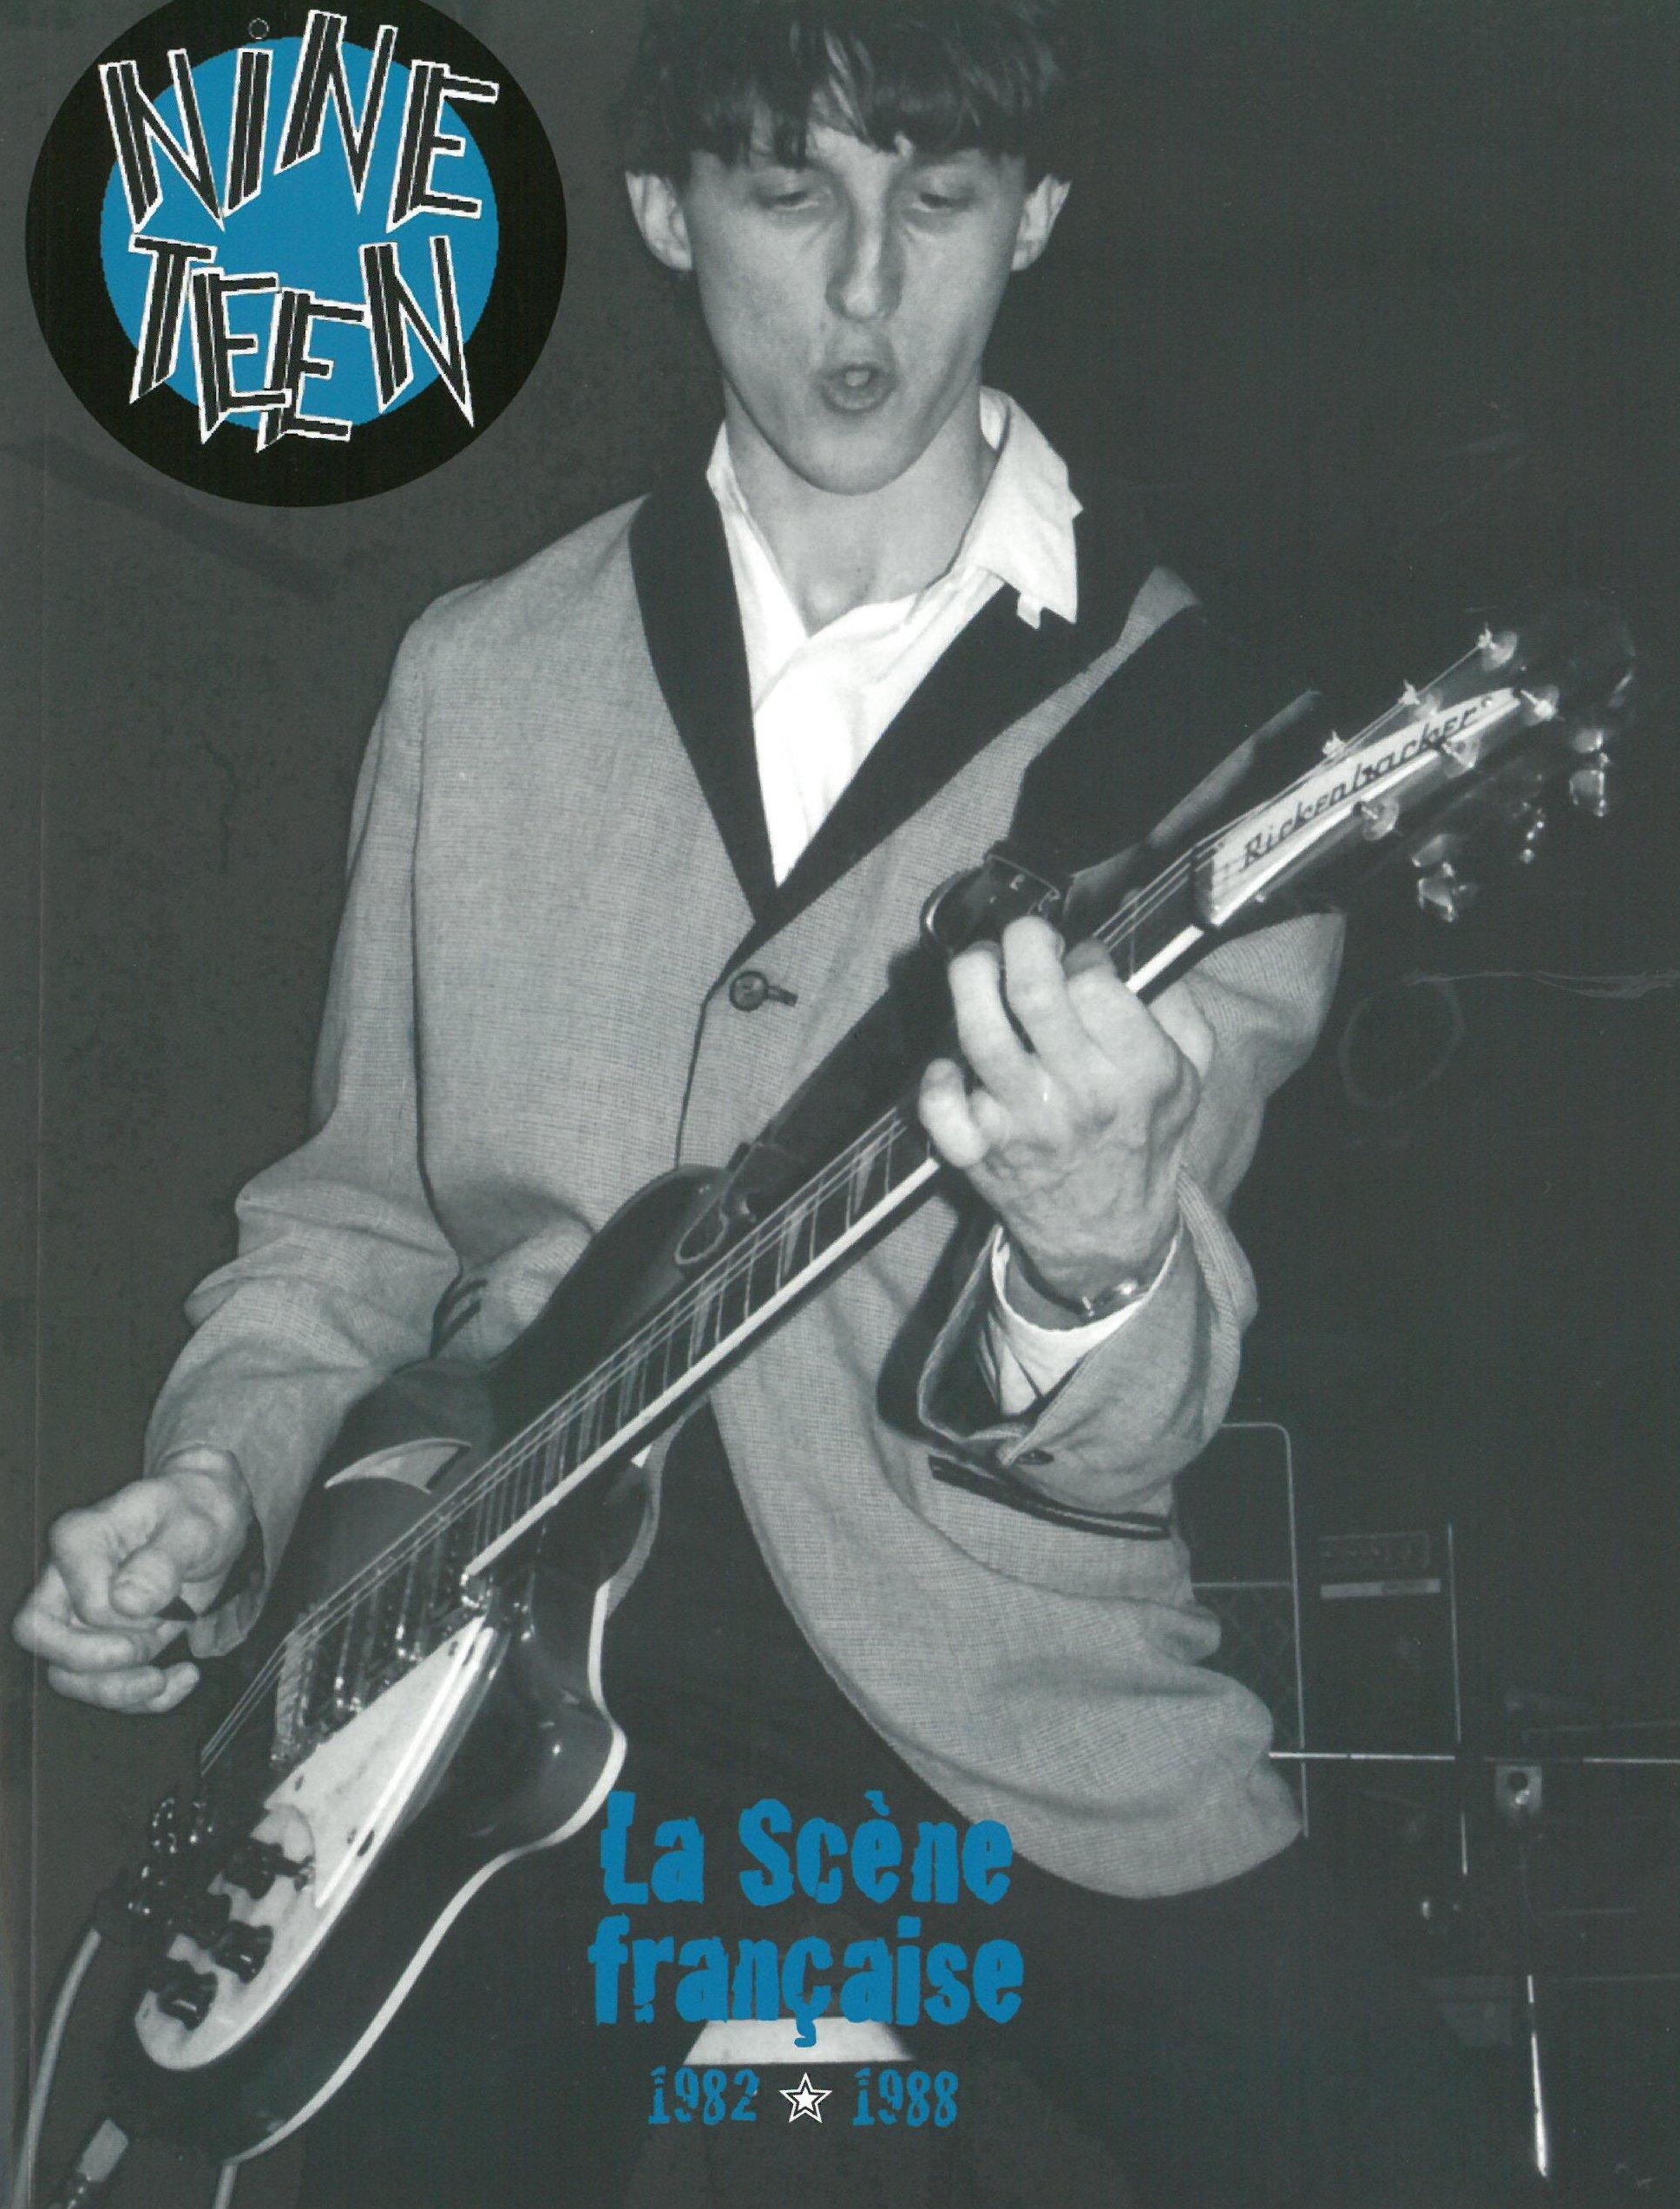 Nineteen: La Scène française 1982-1988